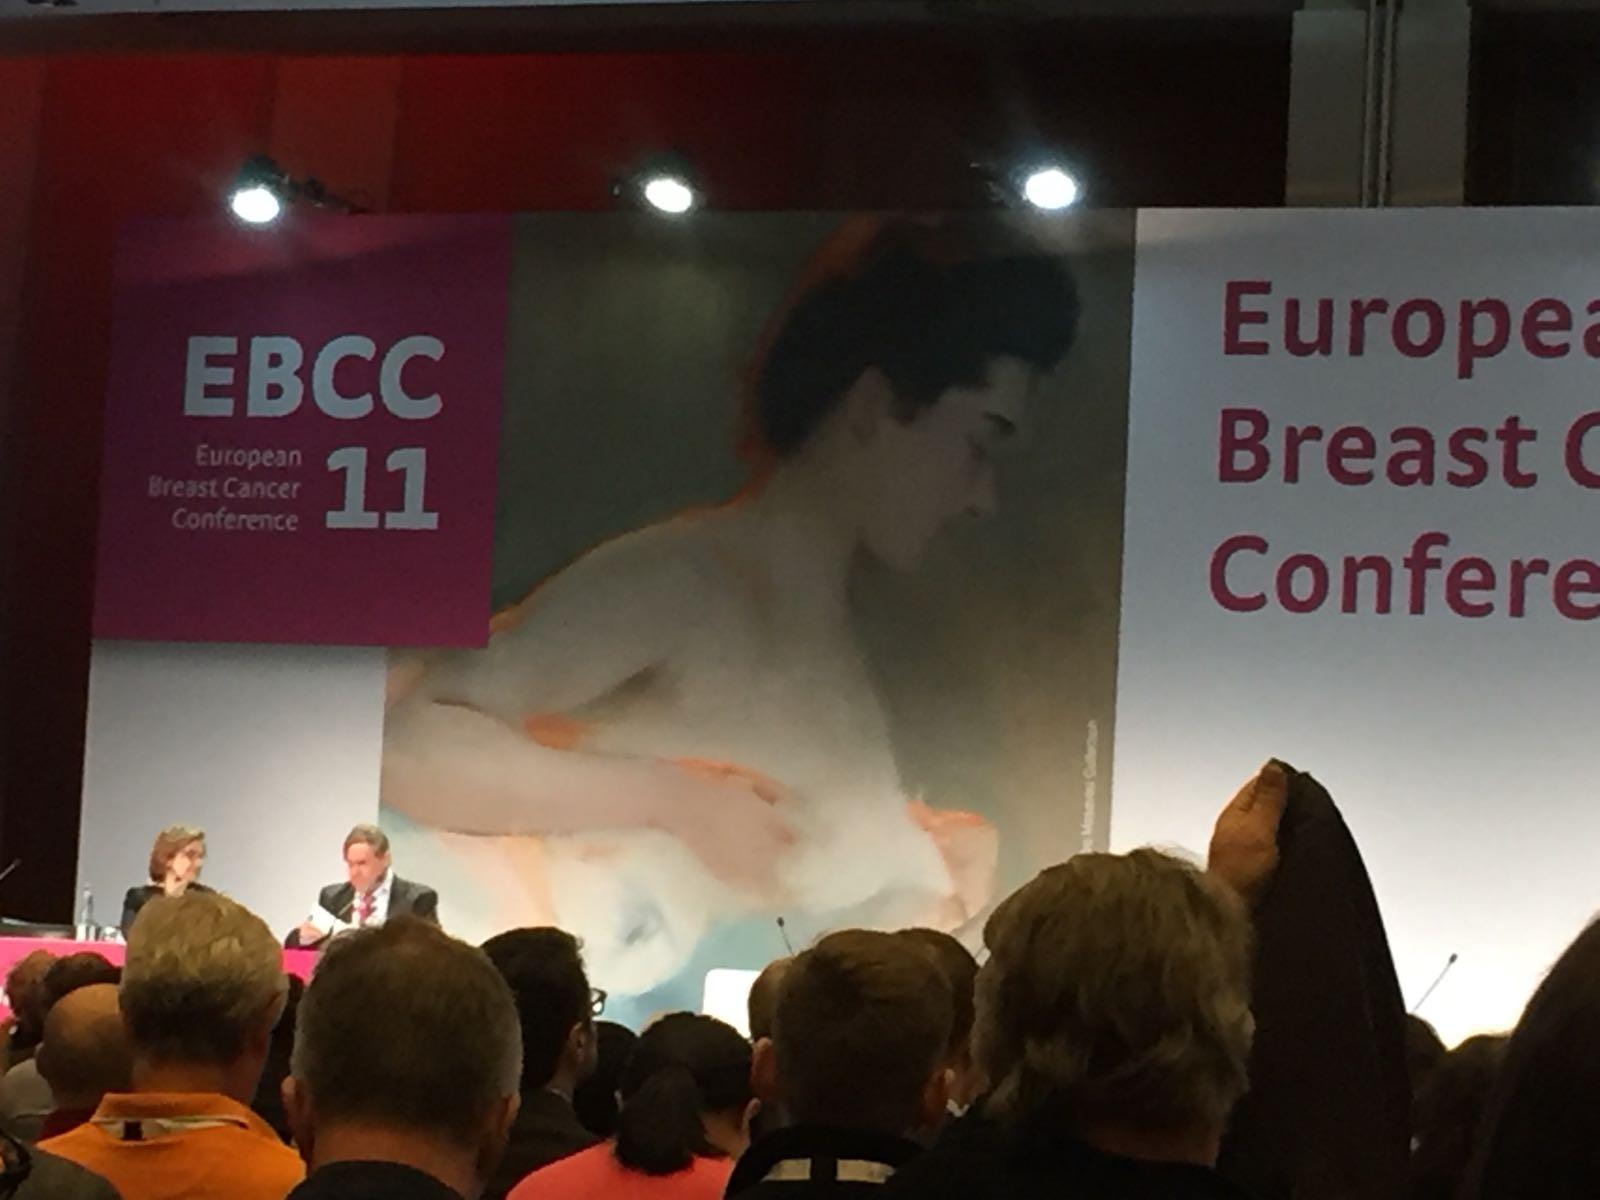 Ebcc2